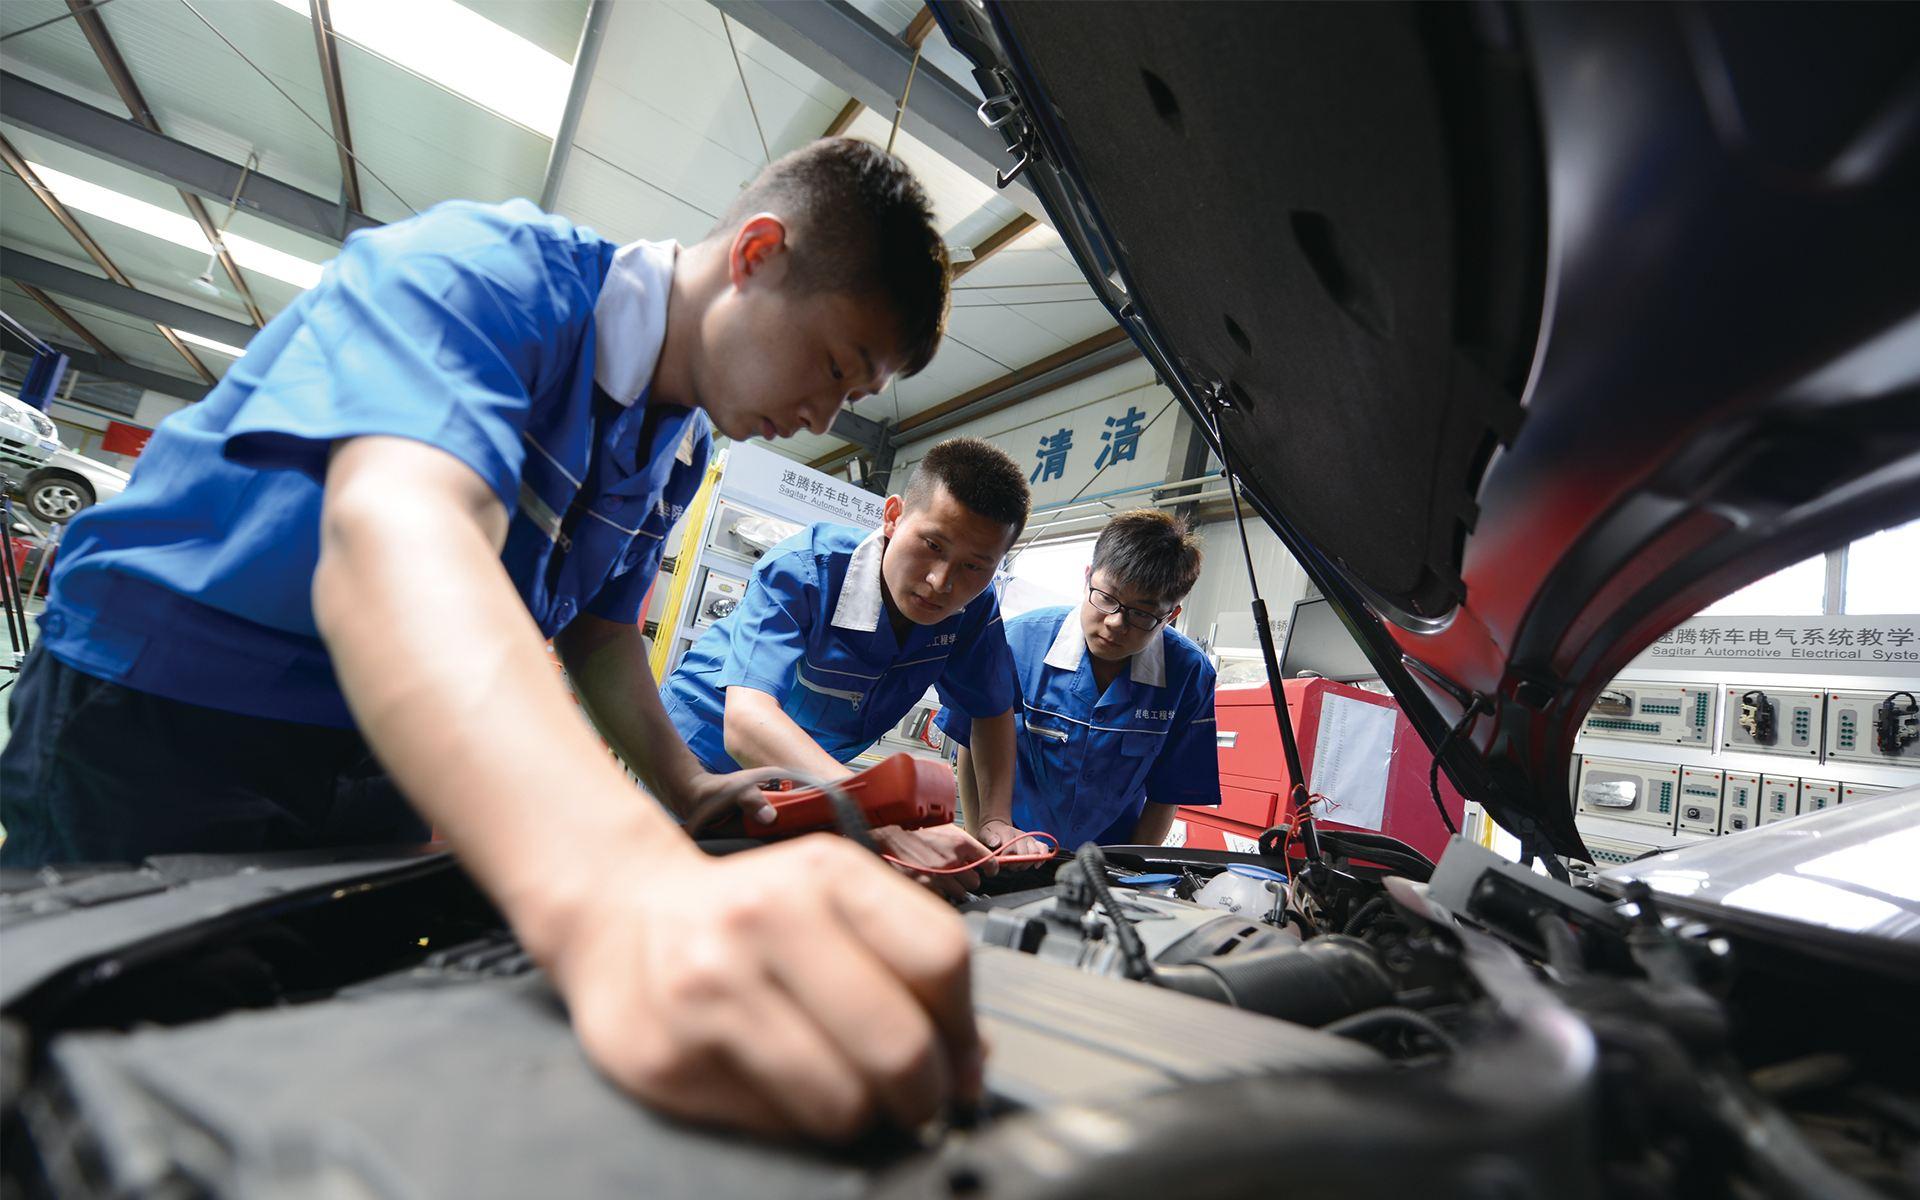 中国汽车后市场规模有望破万亿 规范发展需转型创新